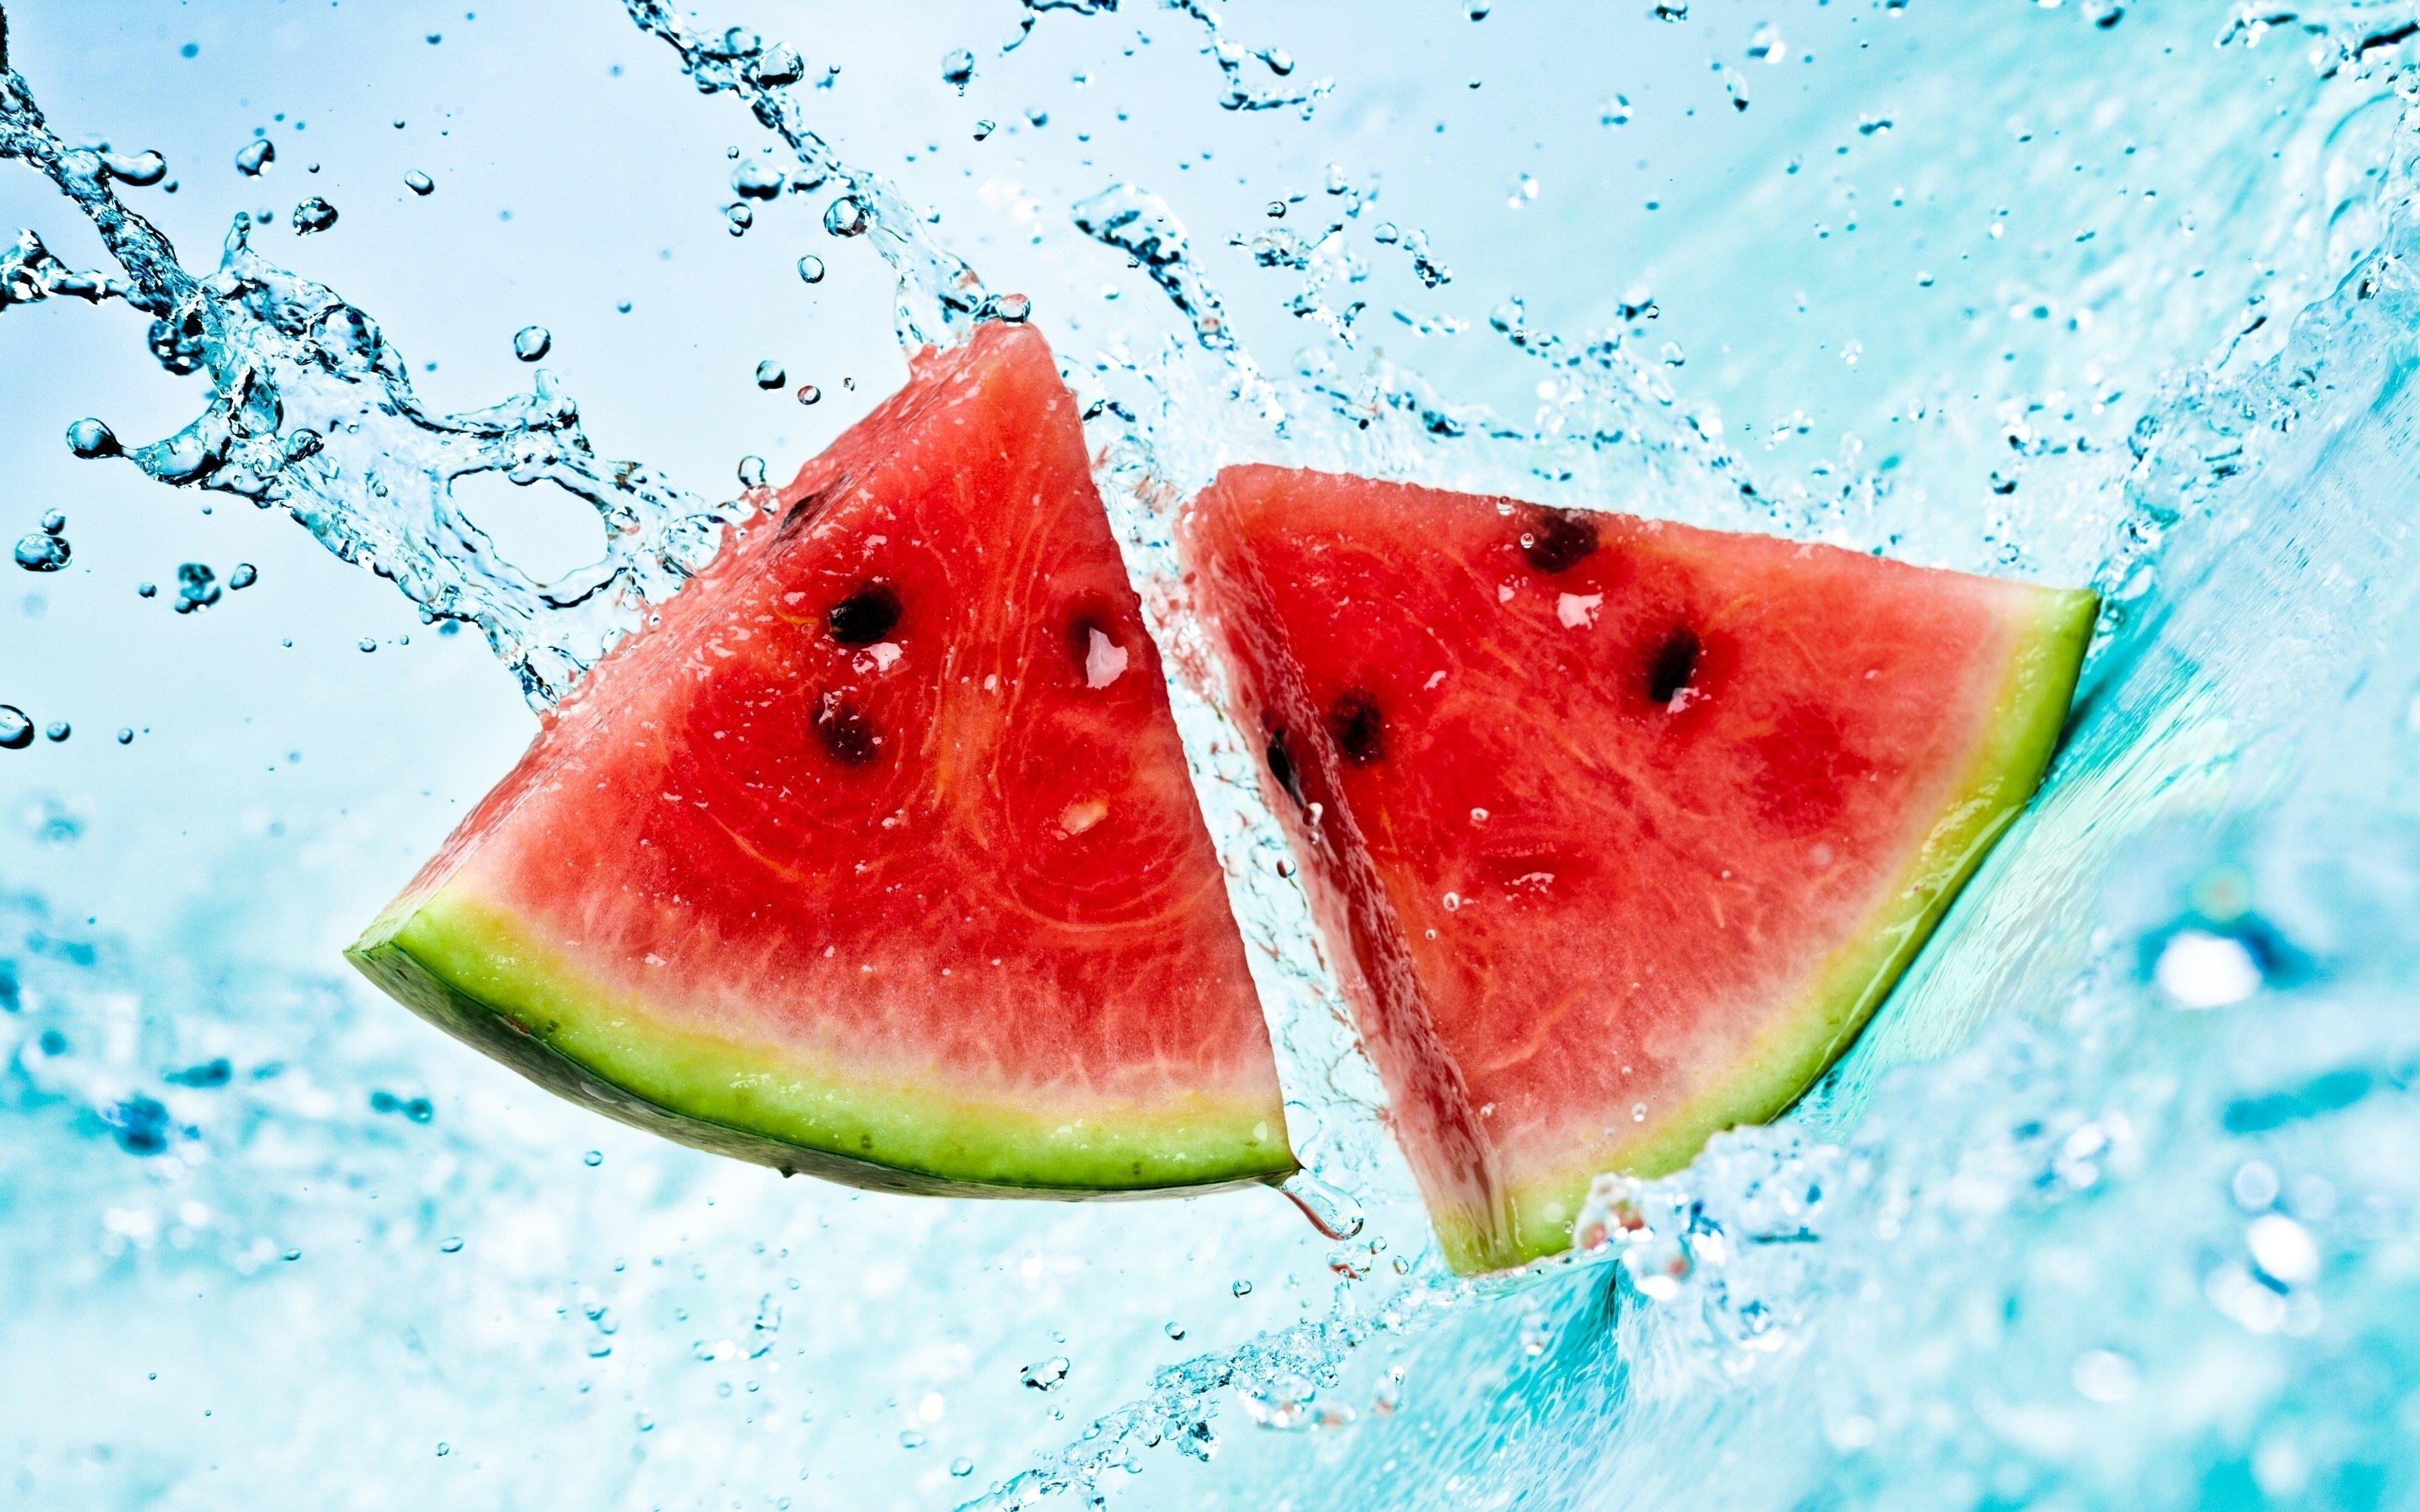 Tisztulj és karcsúsodj görögdinnyével!